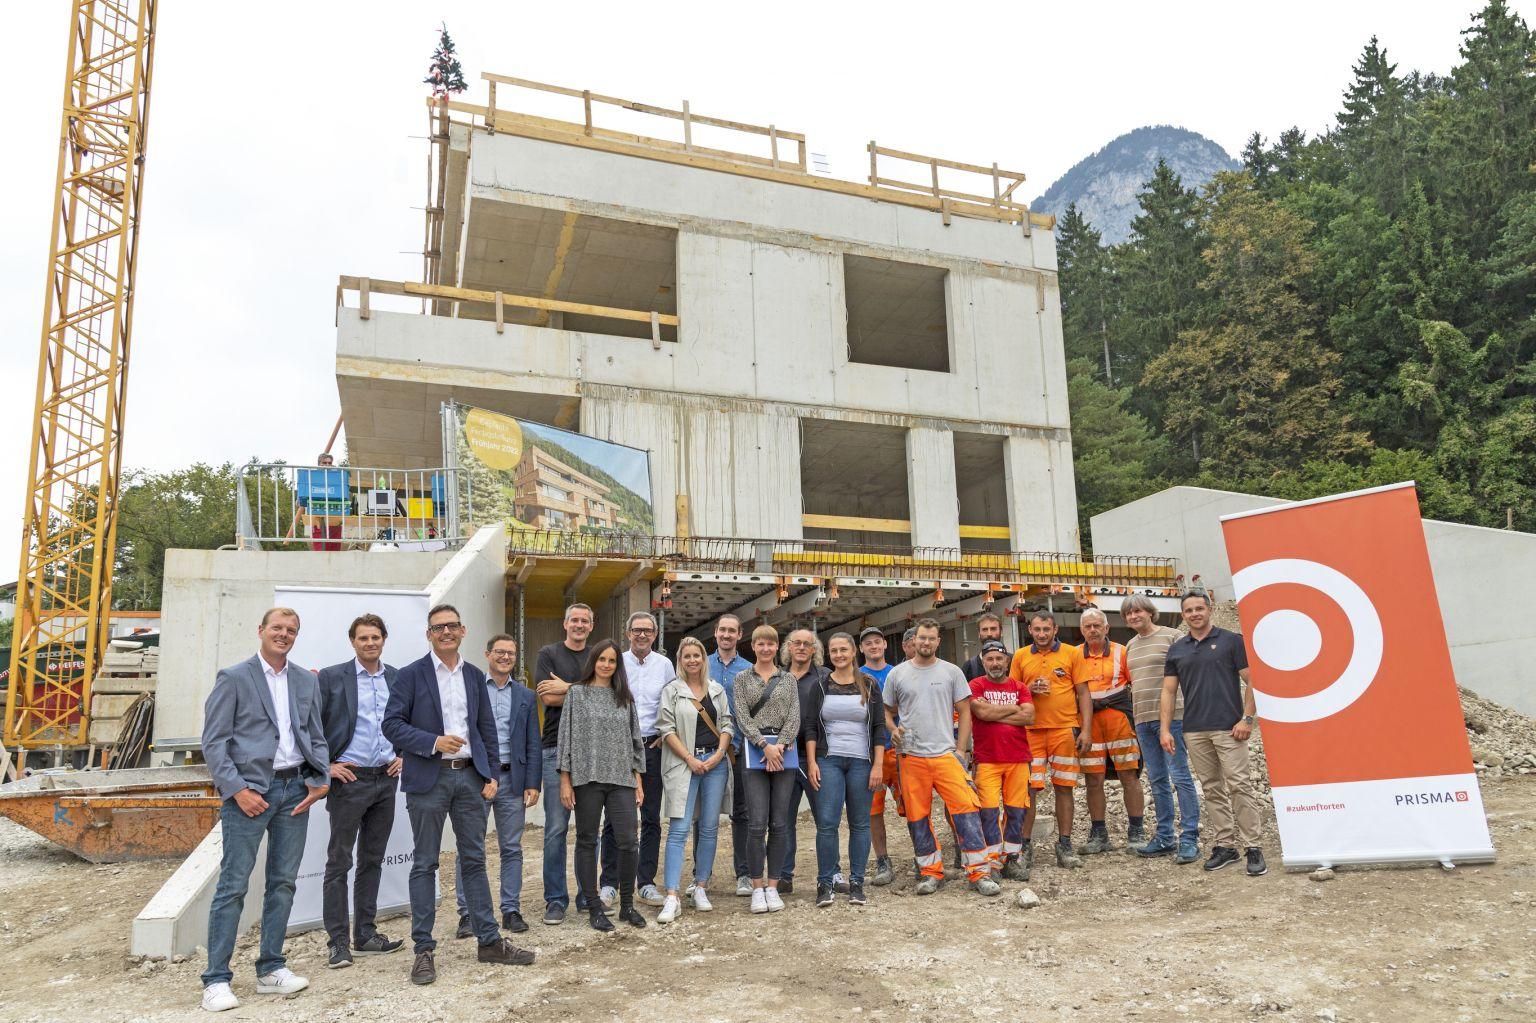 Firstfeier für PRISMA-Projekt in Innsbruck